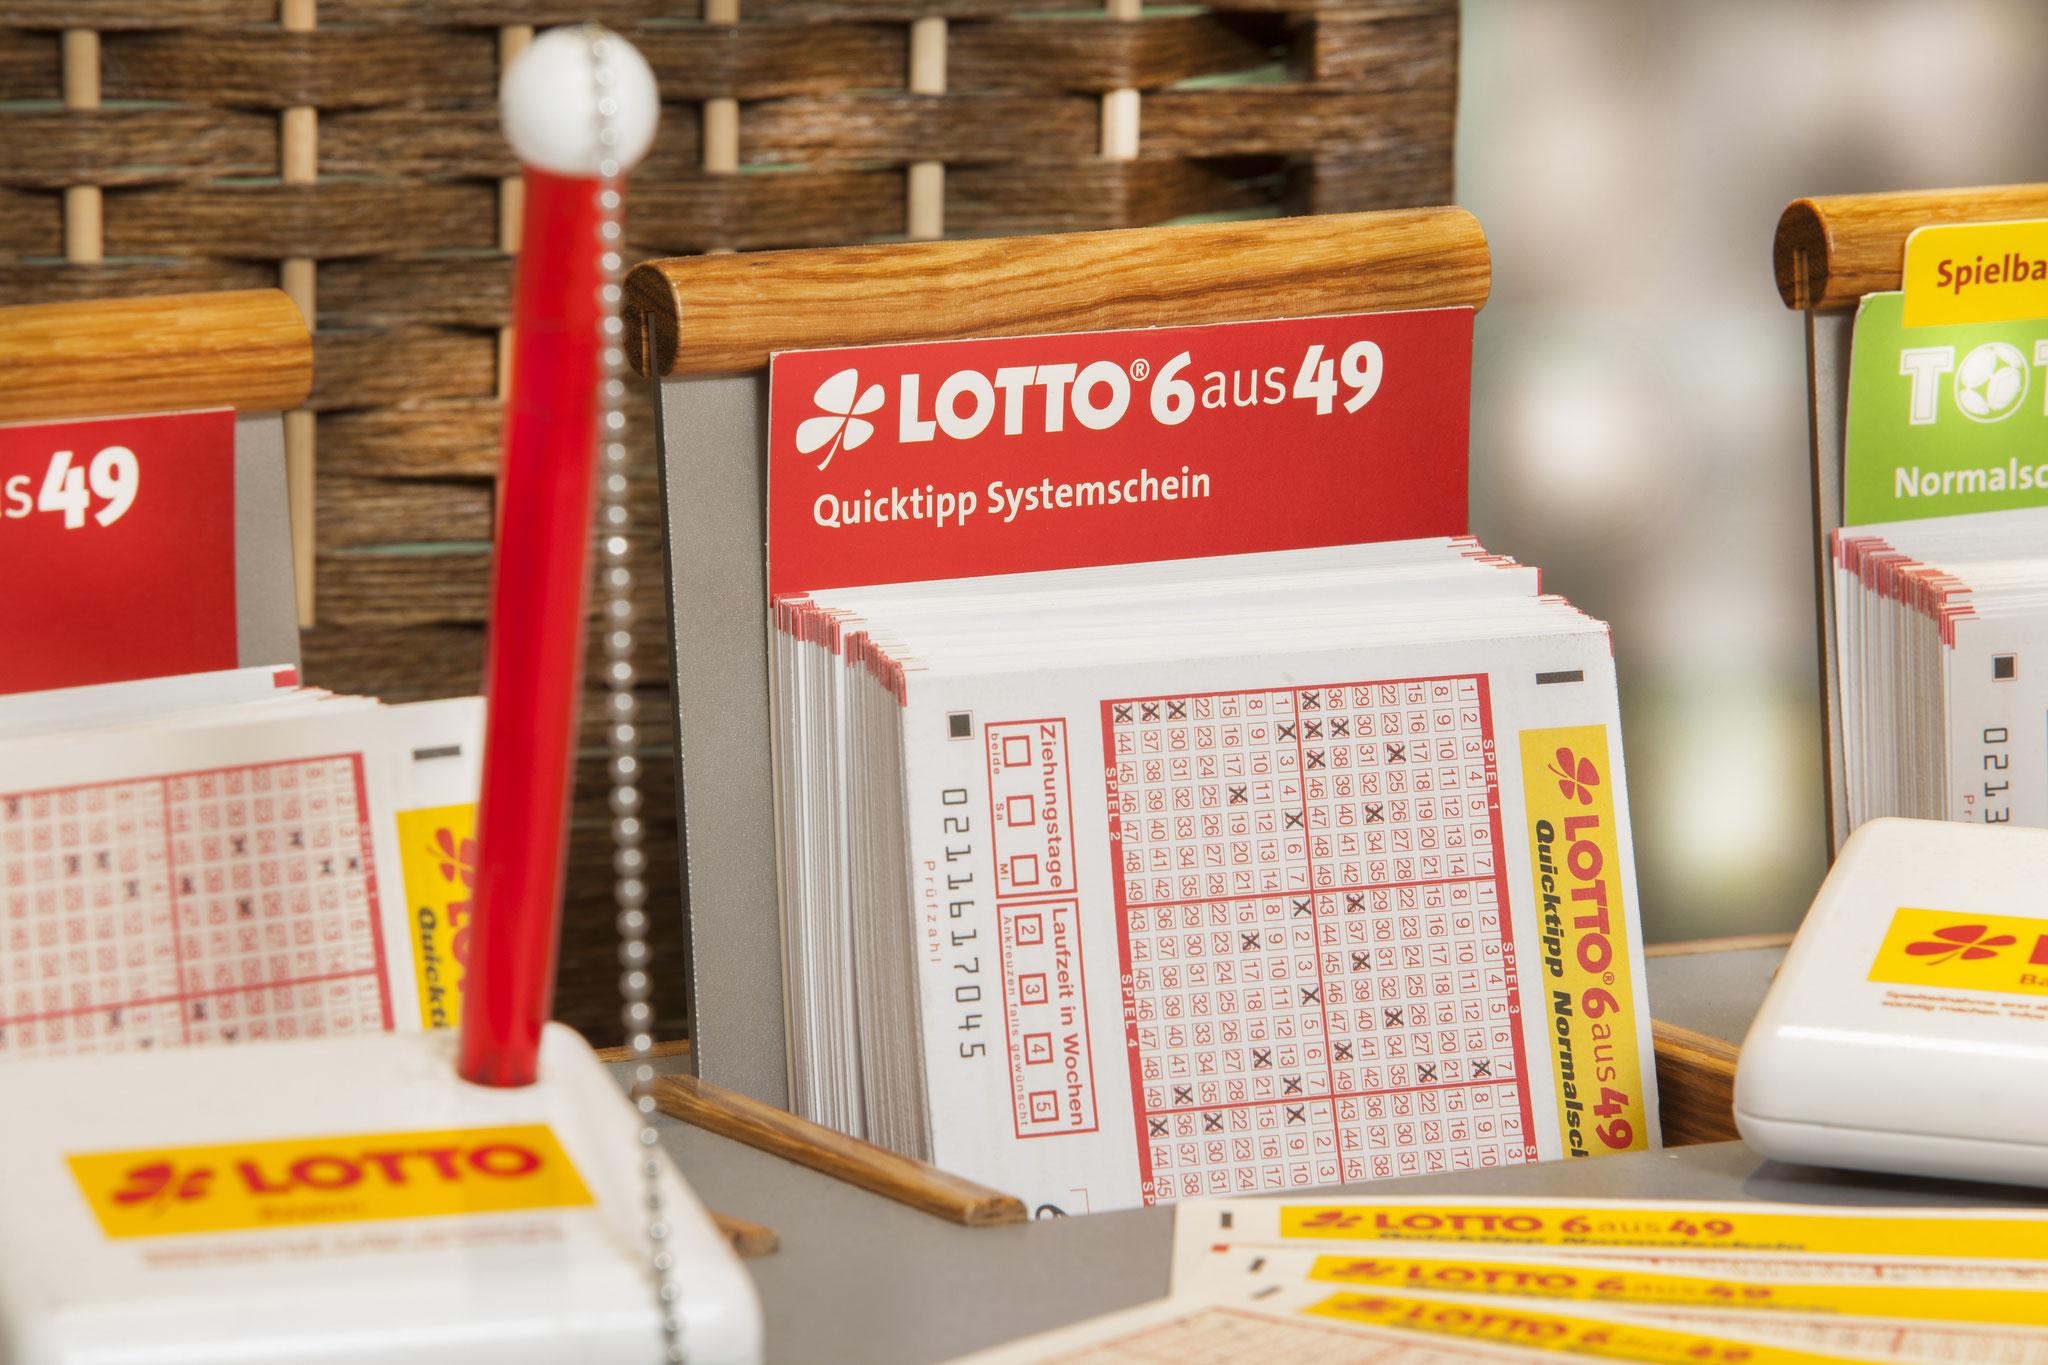 Lotto bei Ottmann in Sulzbach-Rosenberg